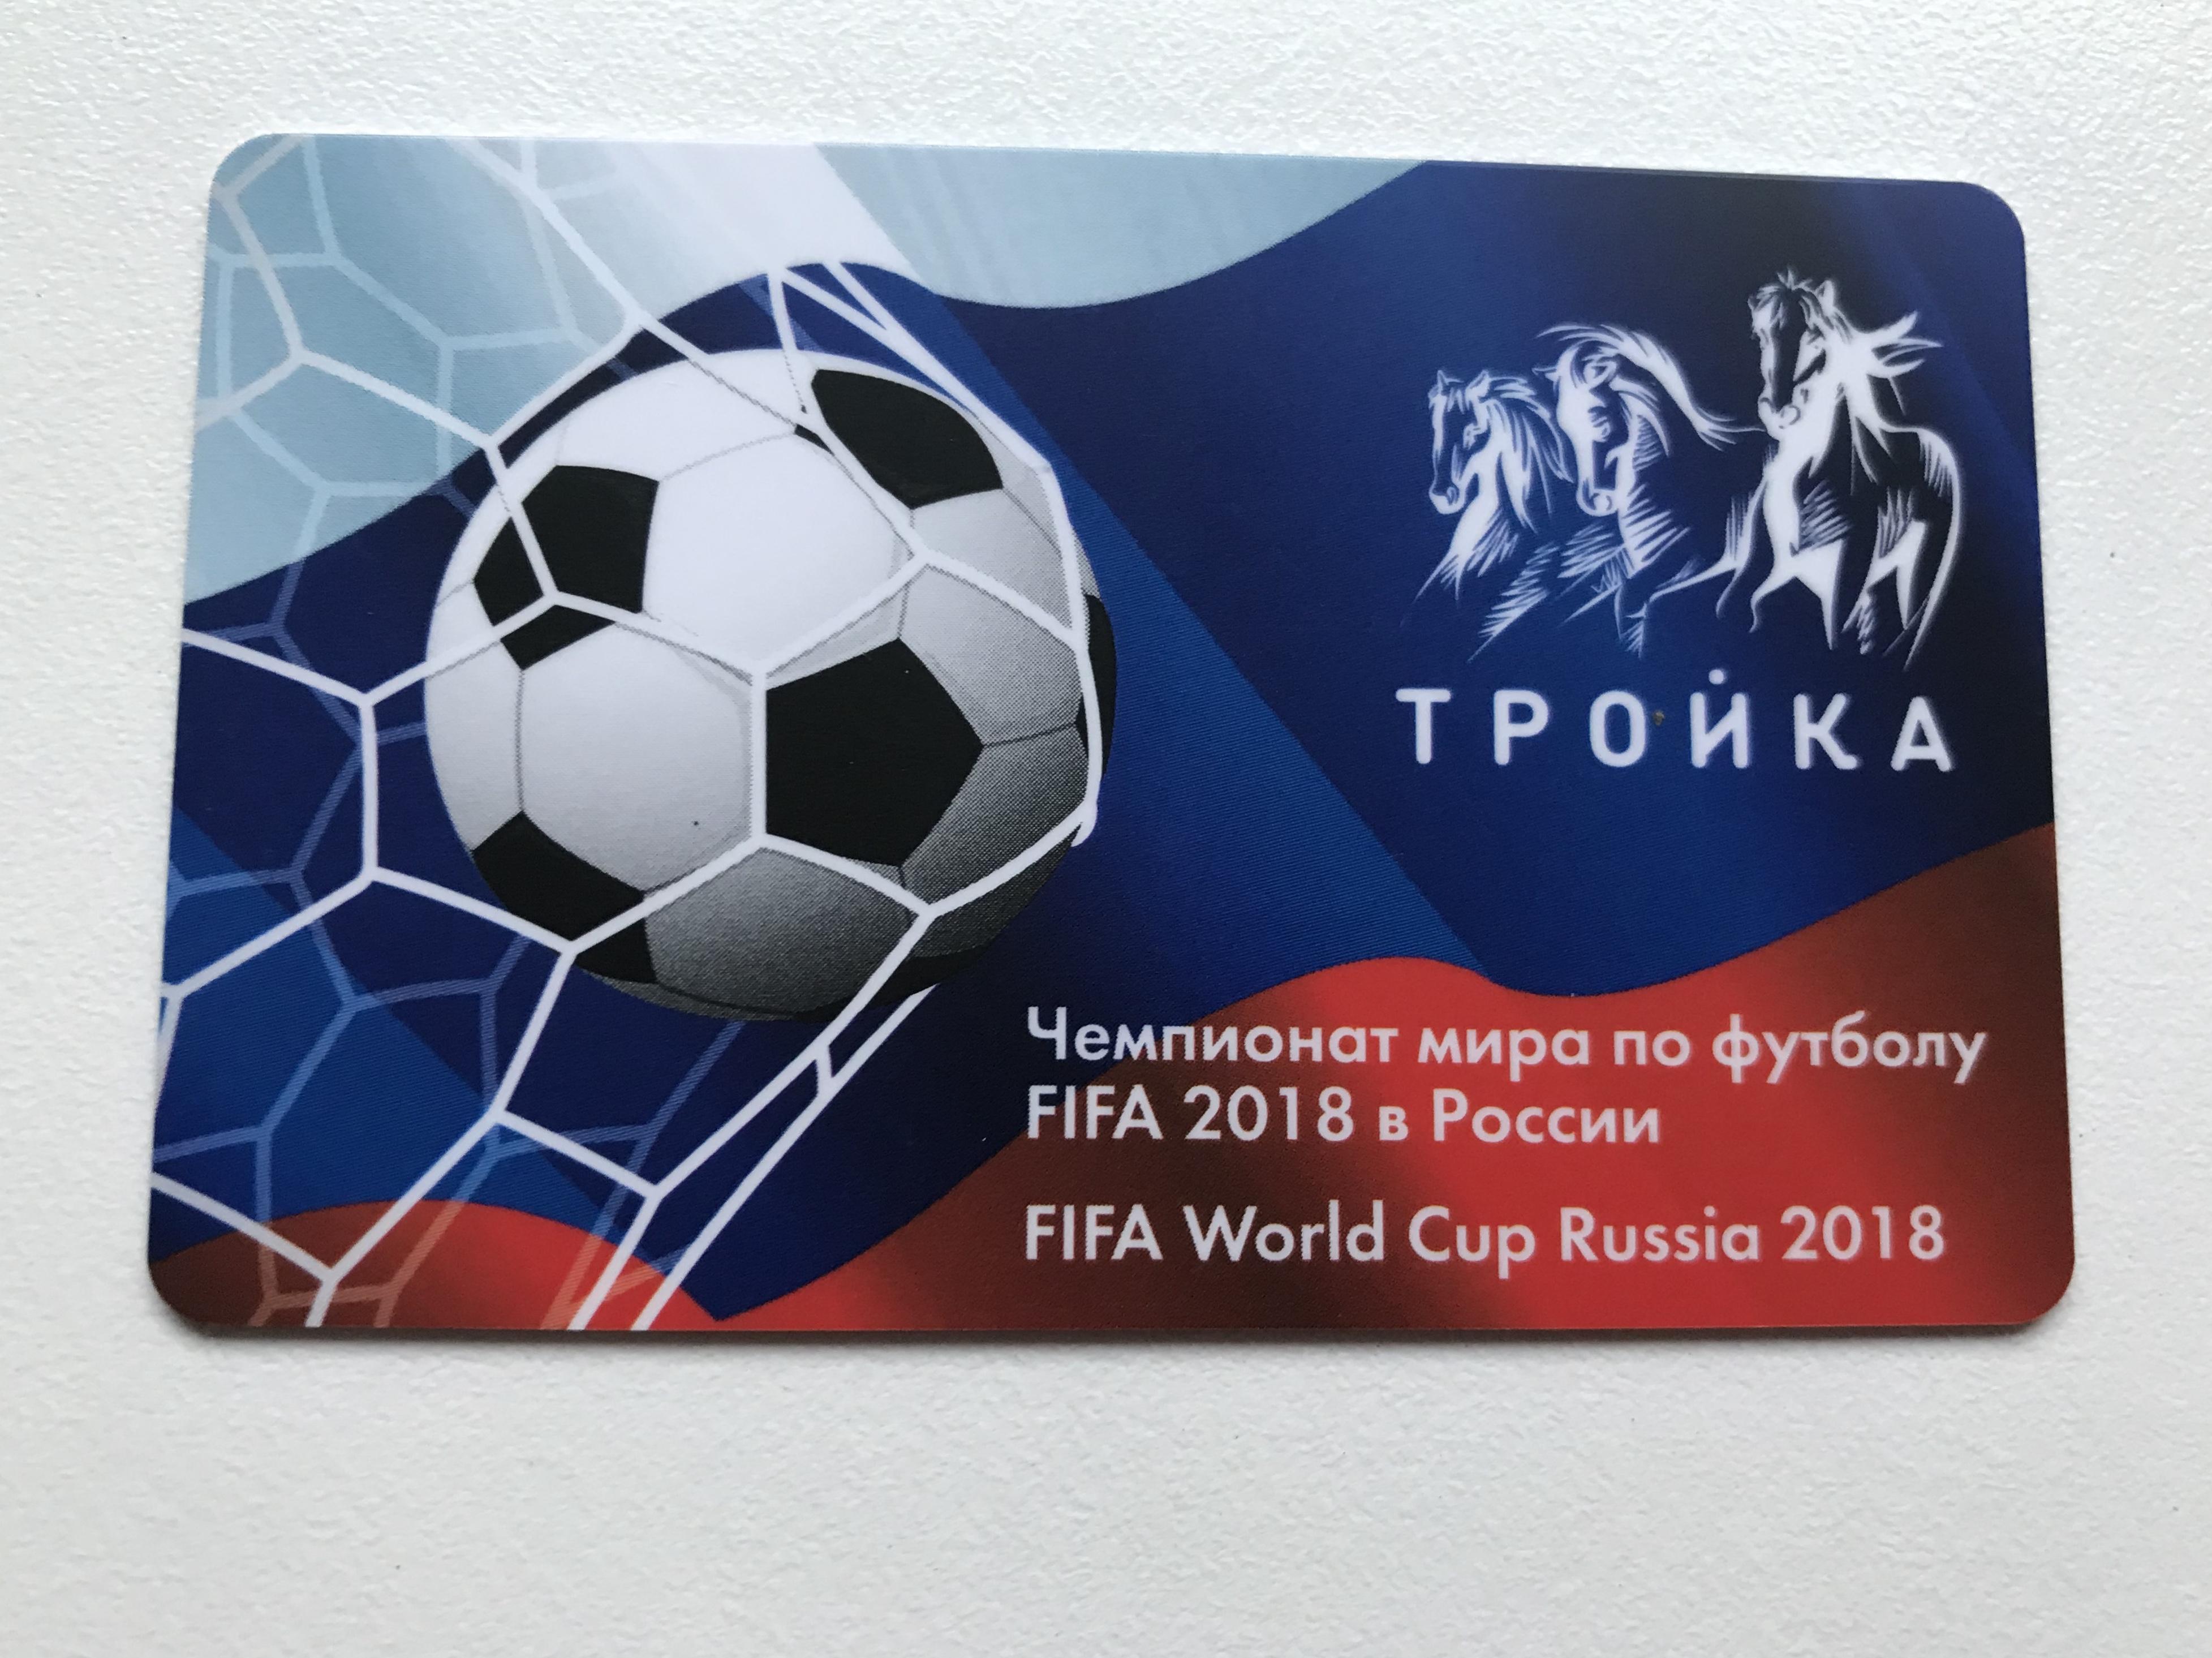 kscheib russball troika